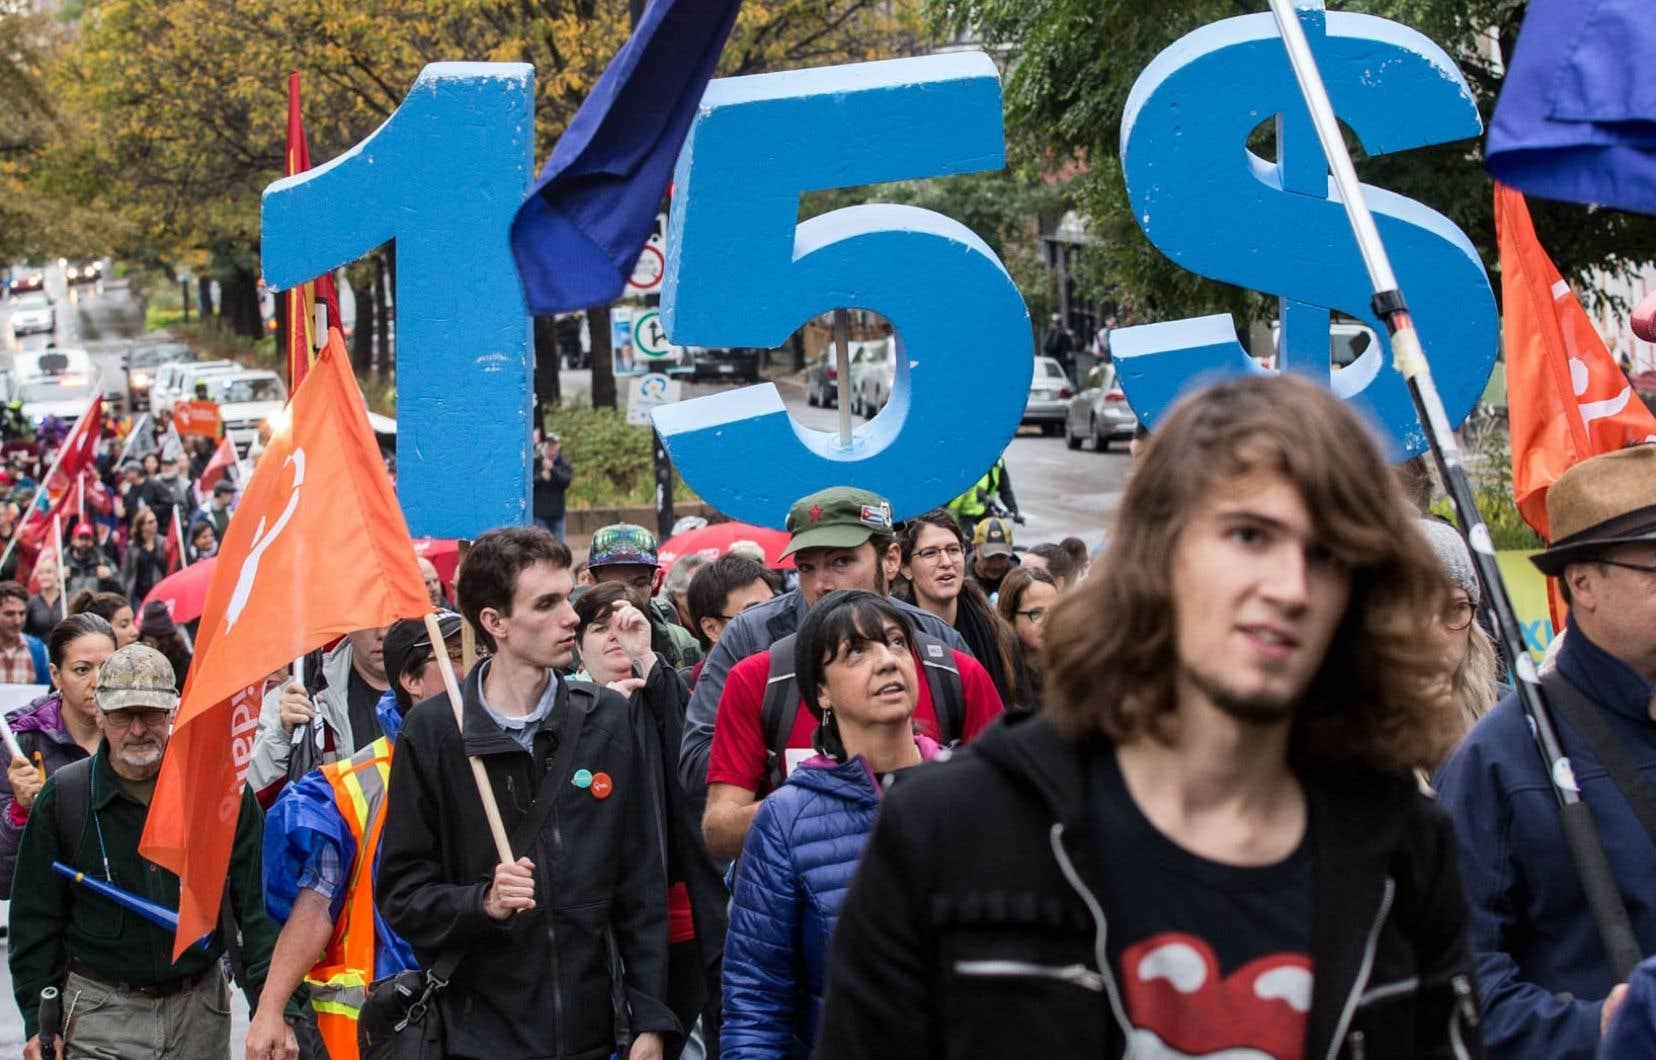 Manifestation pour la hausse du salaire minimum à 15 $ l'heure à Montréal en octobre 2017. L'augmentation du salaire minimum est l'une des demandes prioritaires de la Fédération des travailleurs et travailleuses du Québec.